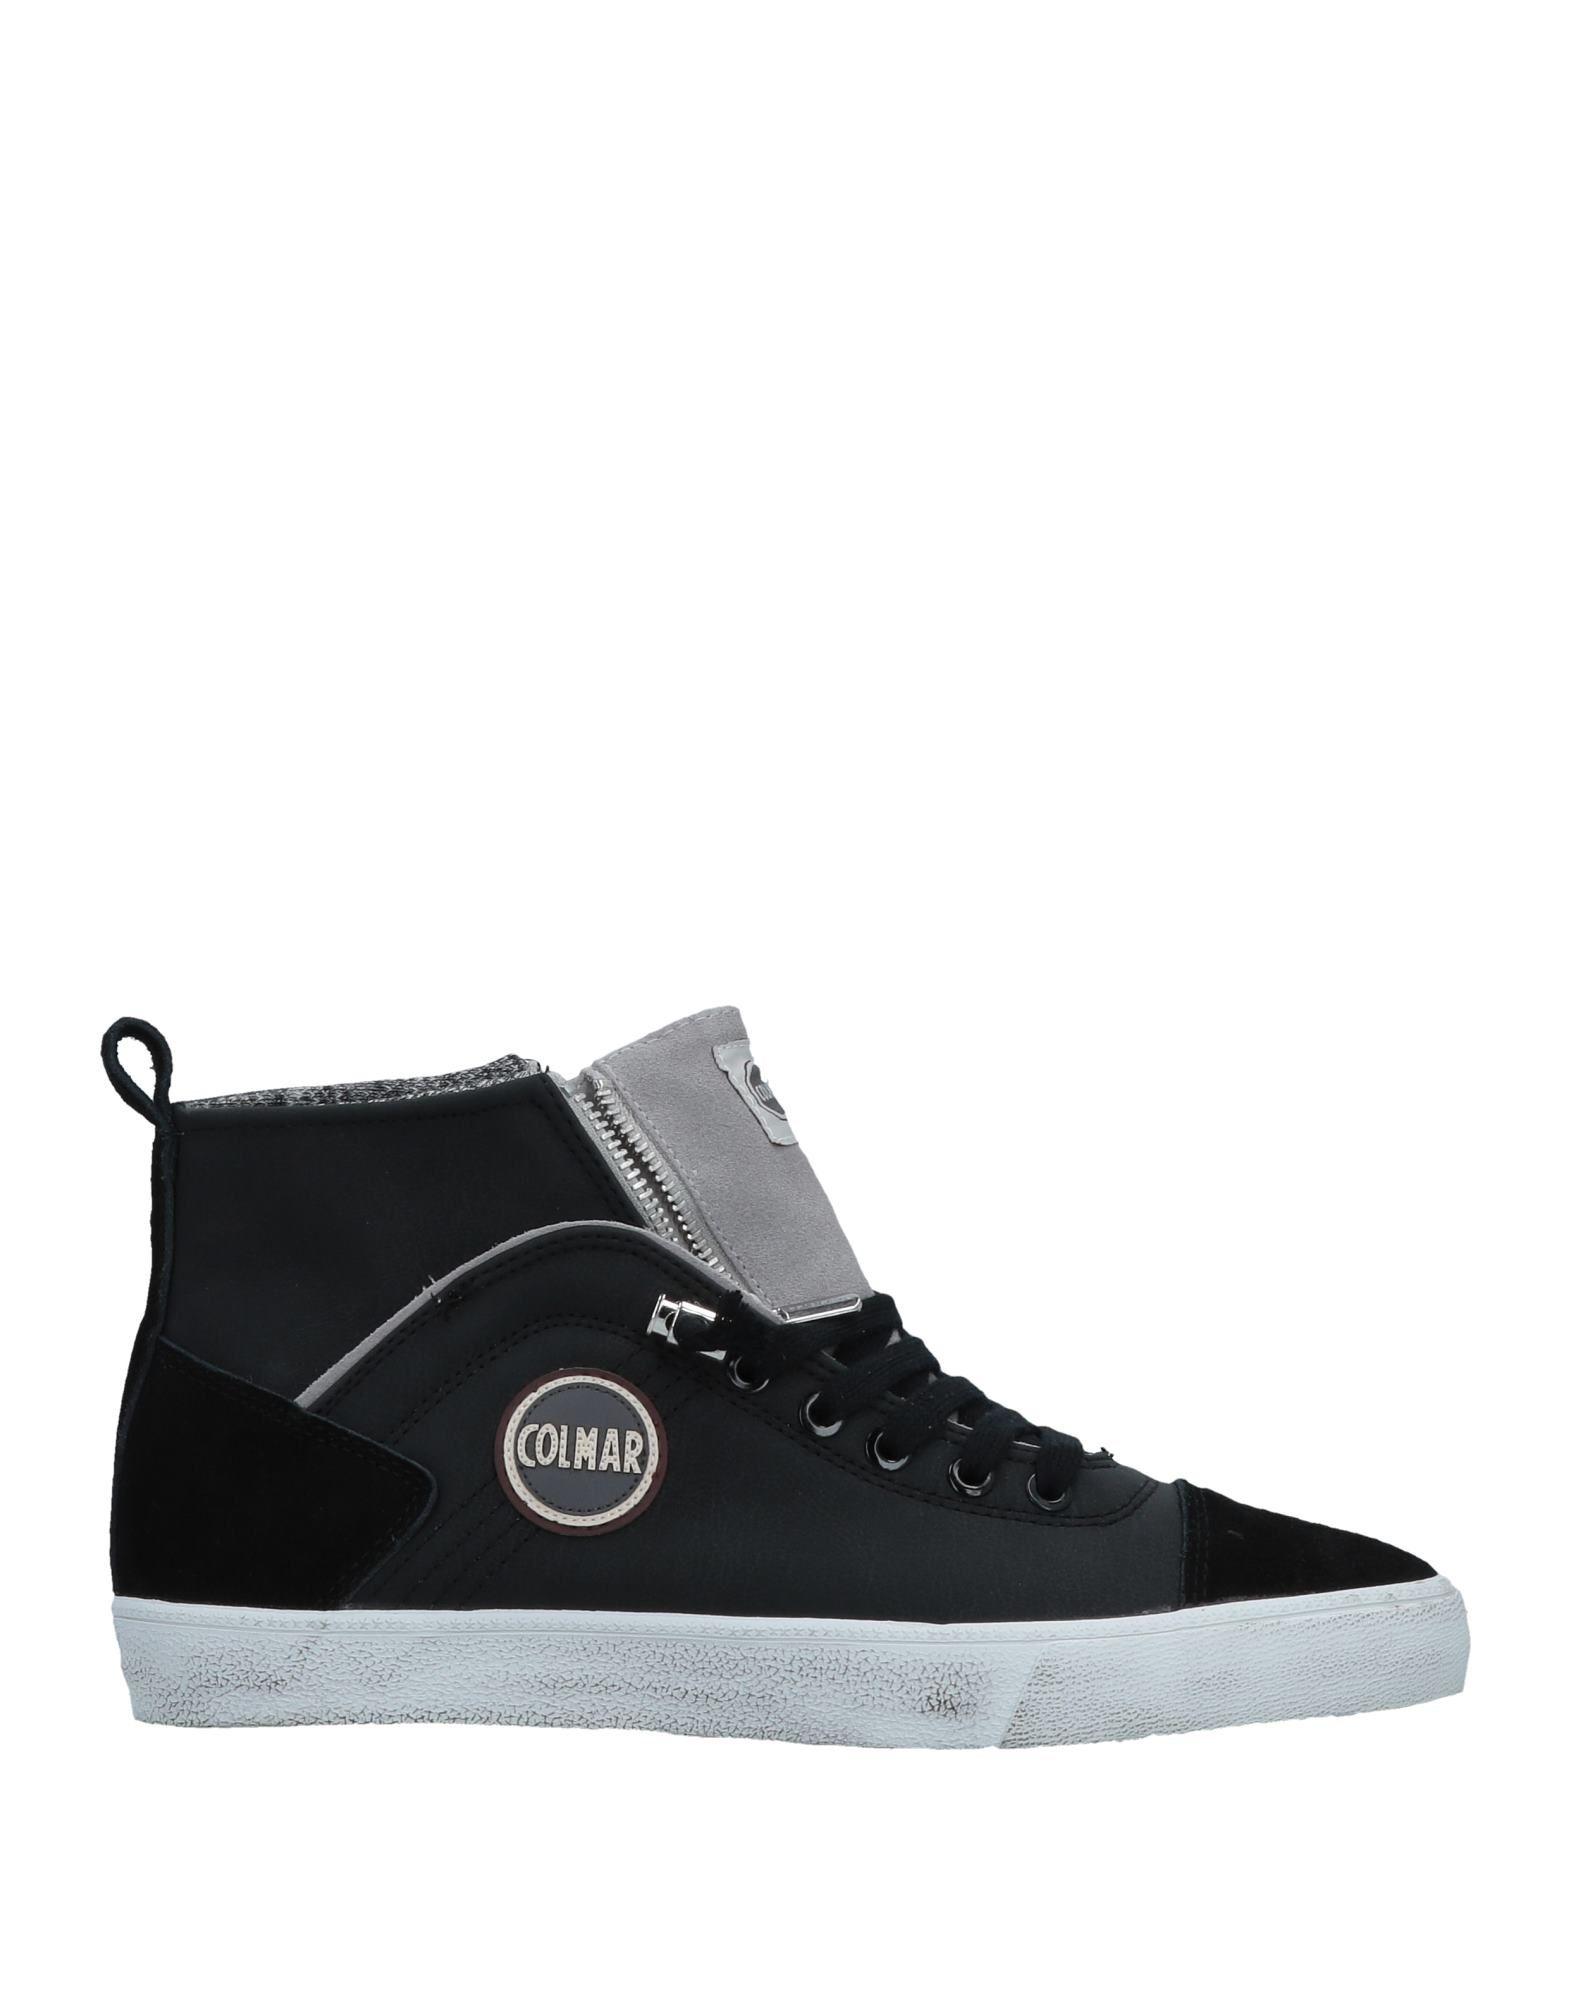 Moda Sneakers Colmar Uomo - 11506280MA